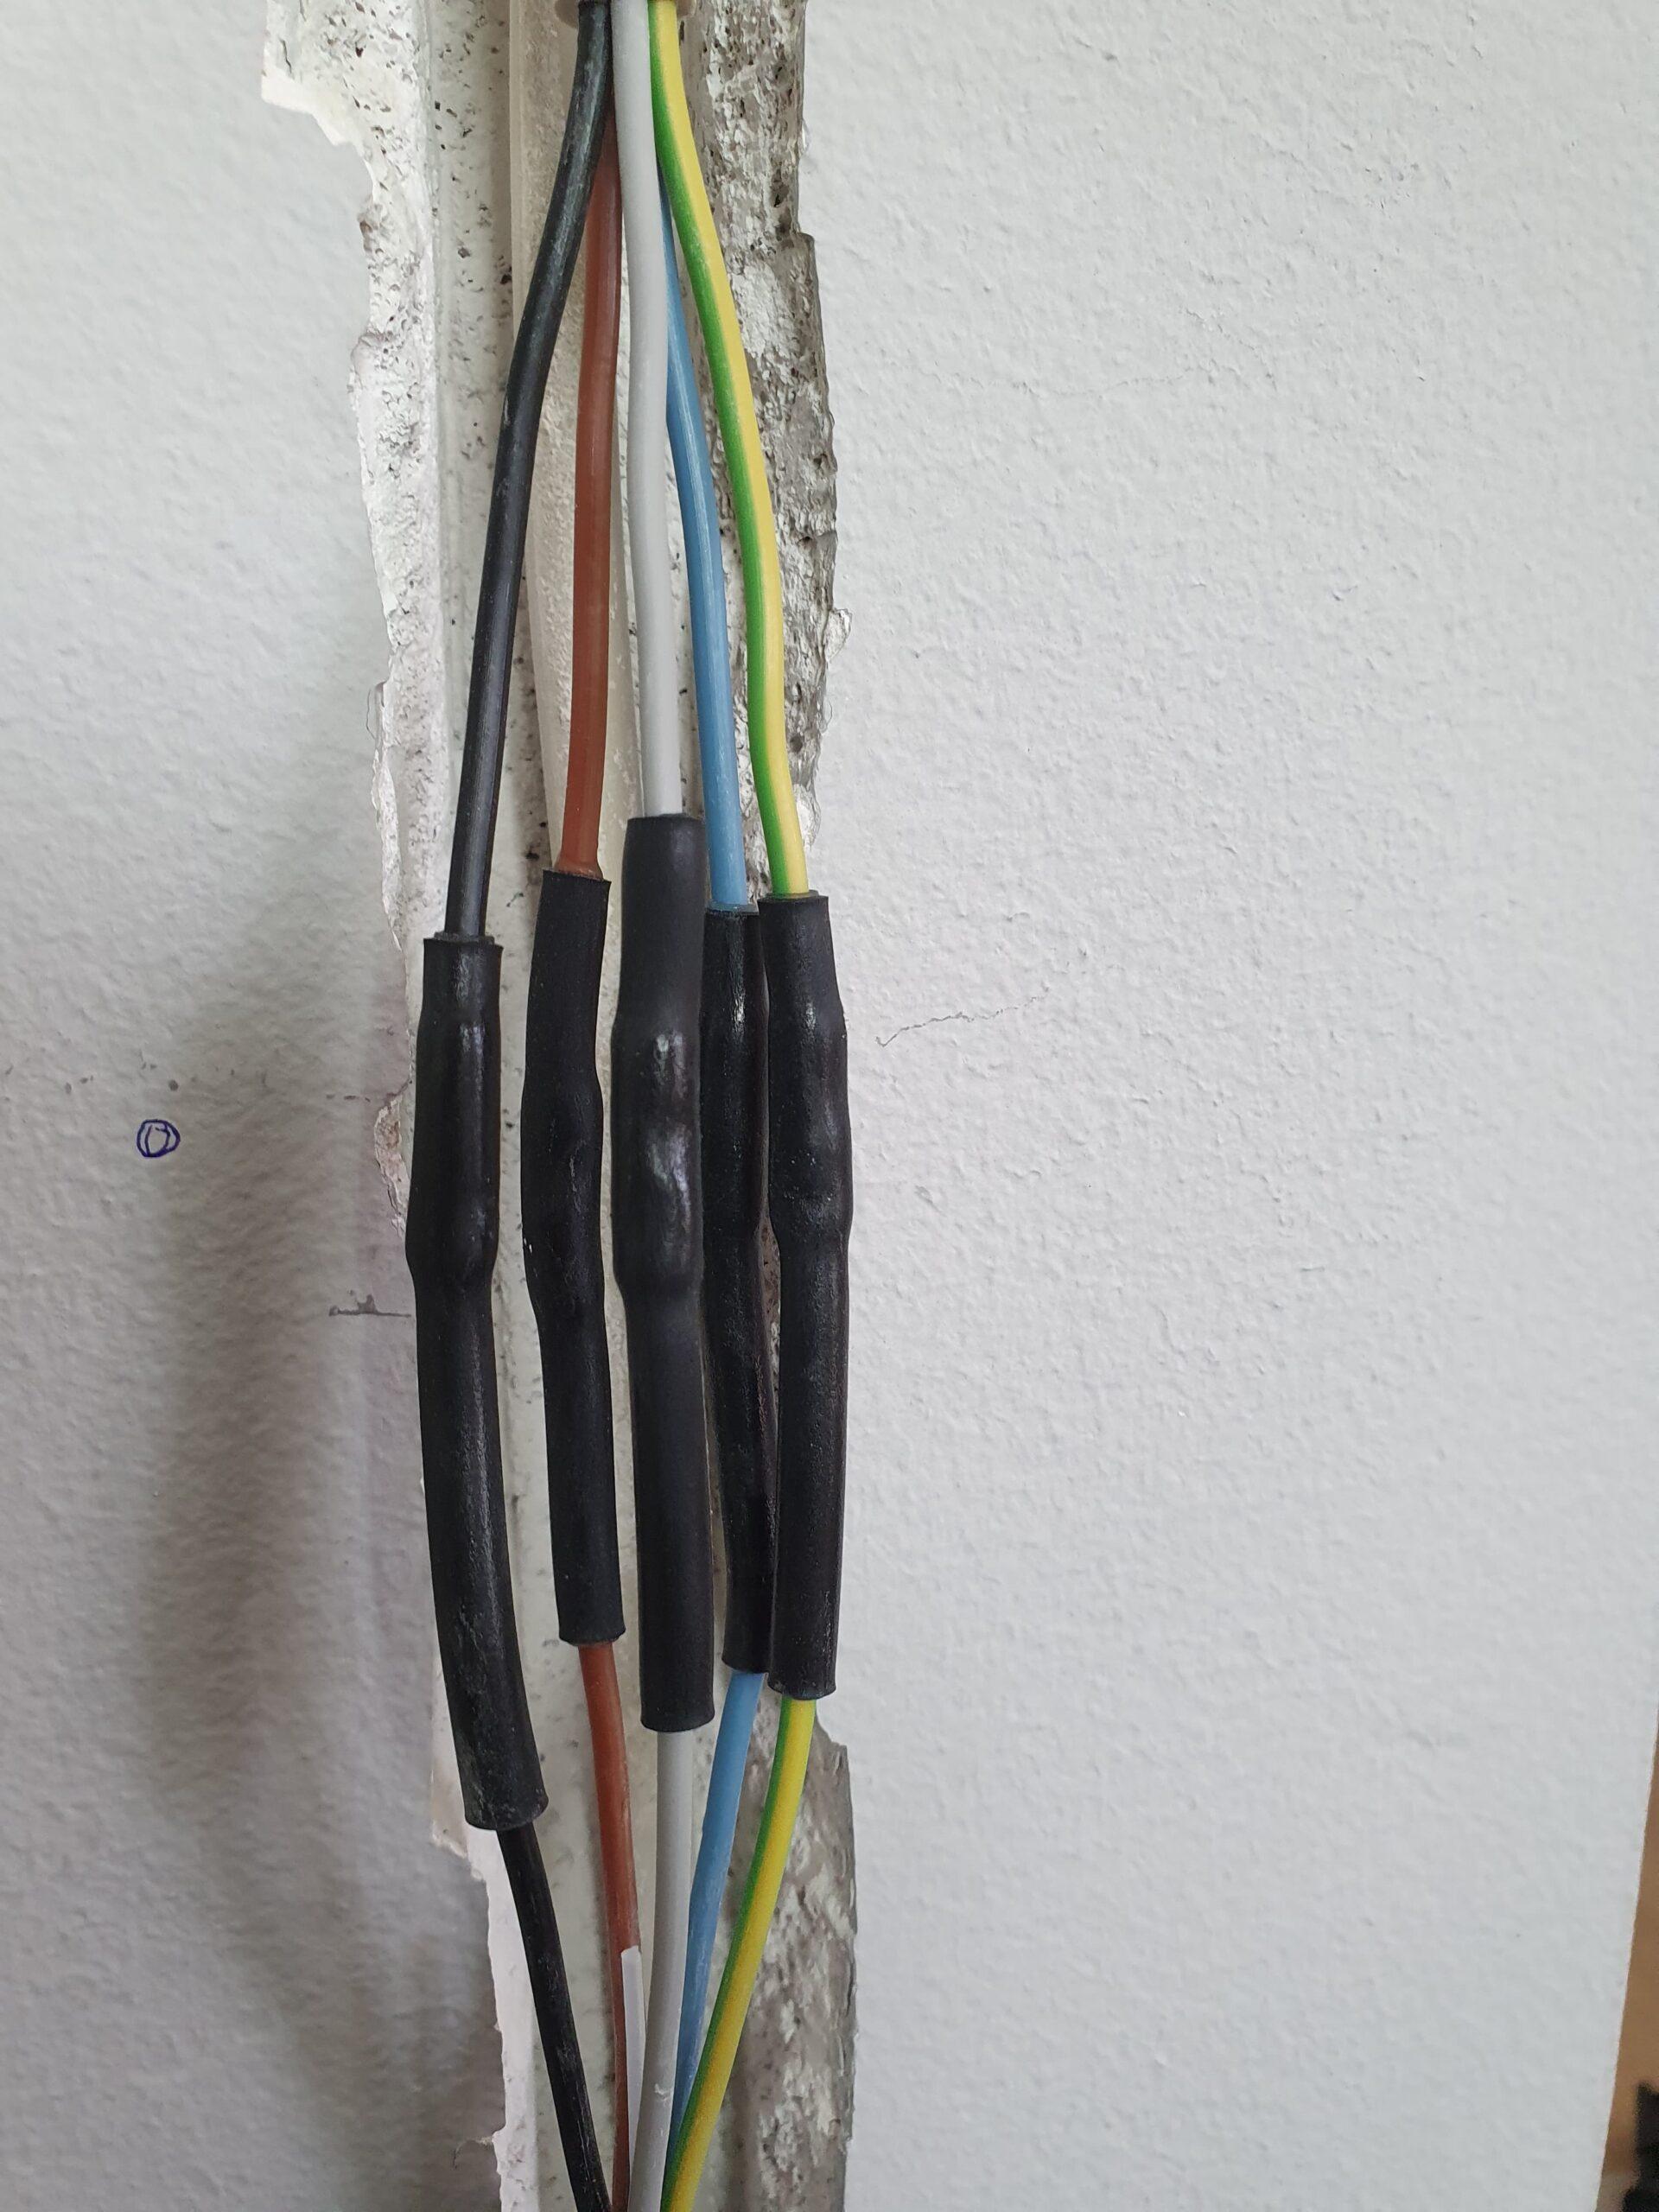 Plast og gummi svejs over ledninger som er blevet boret ind i